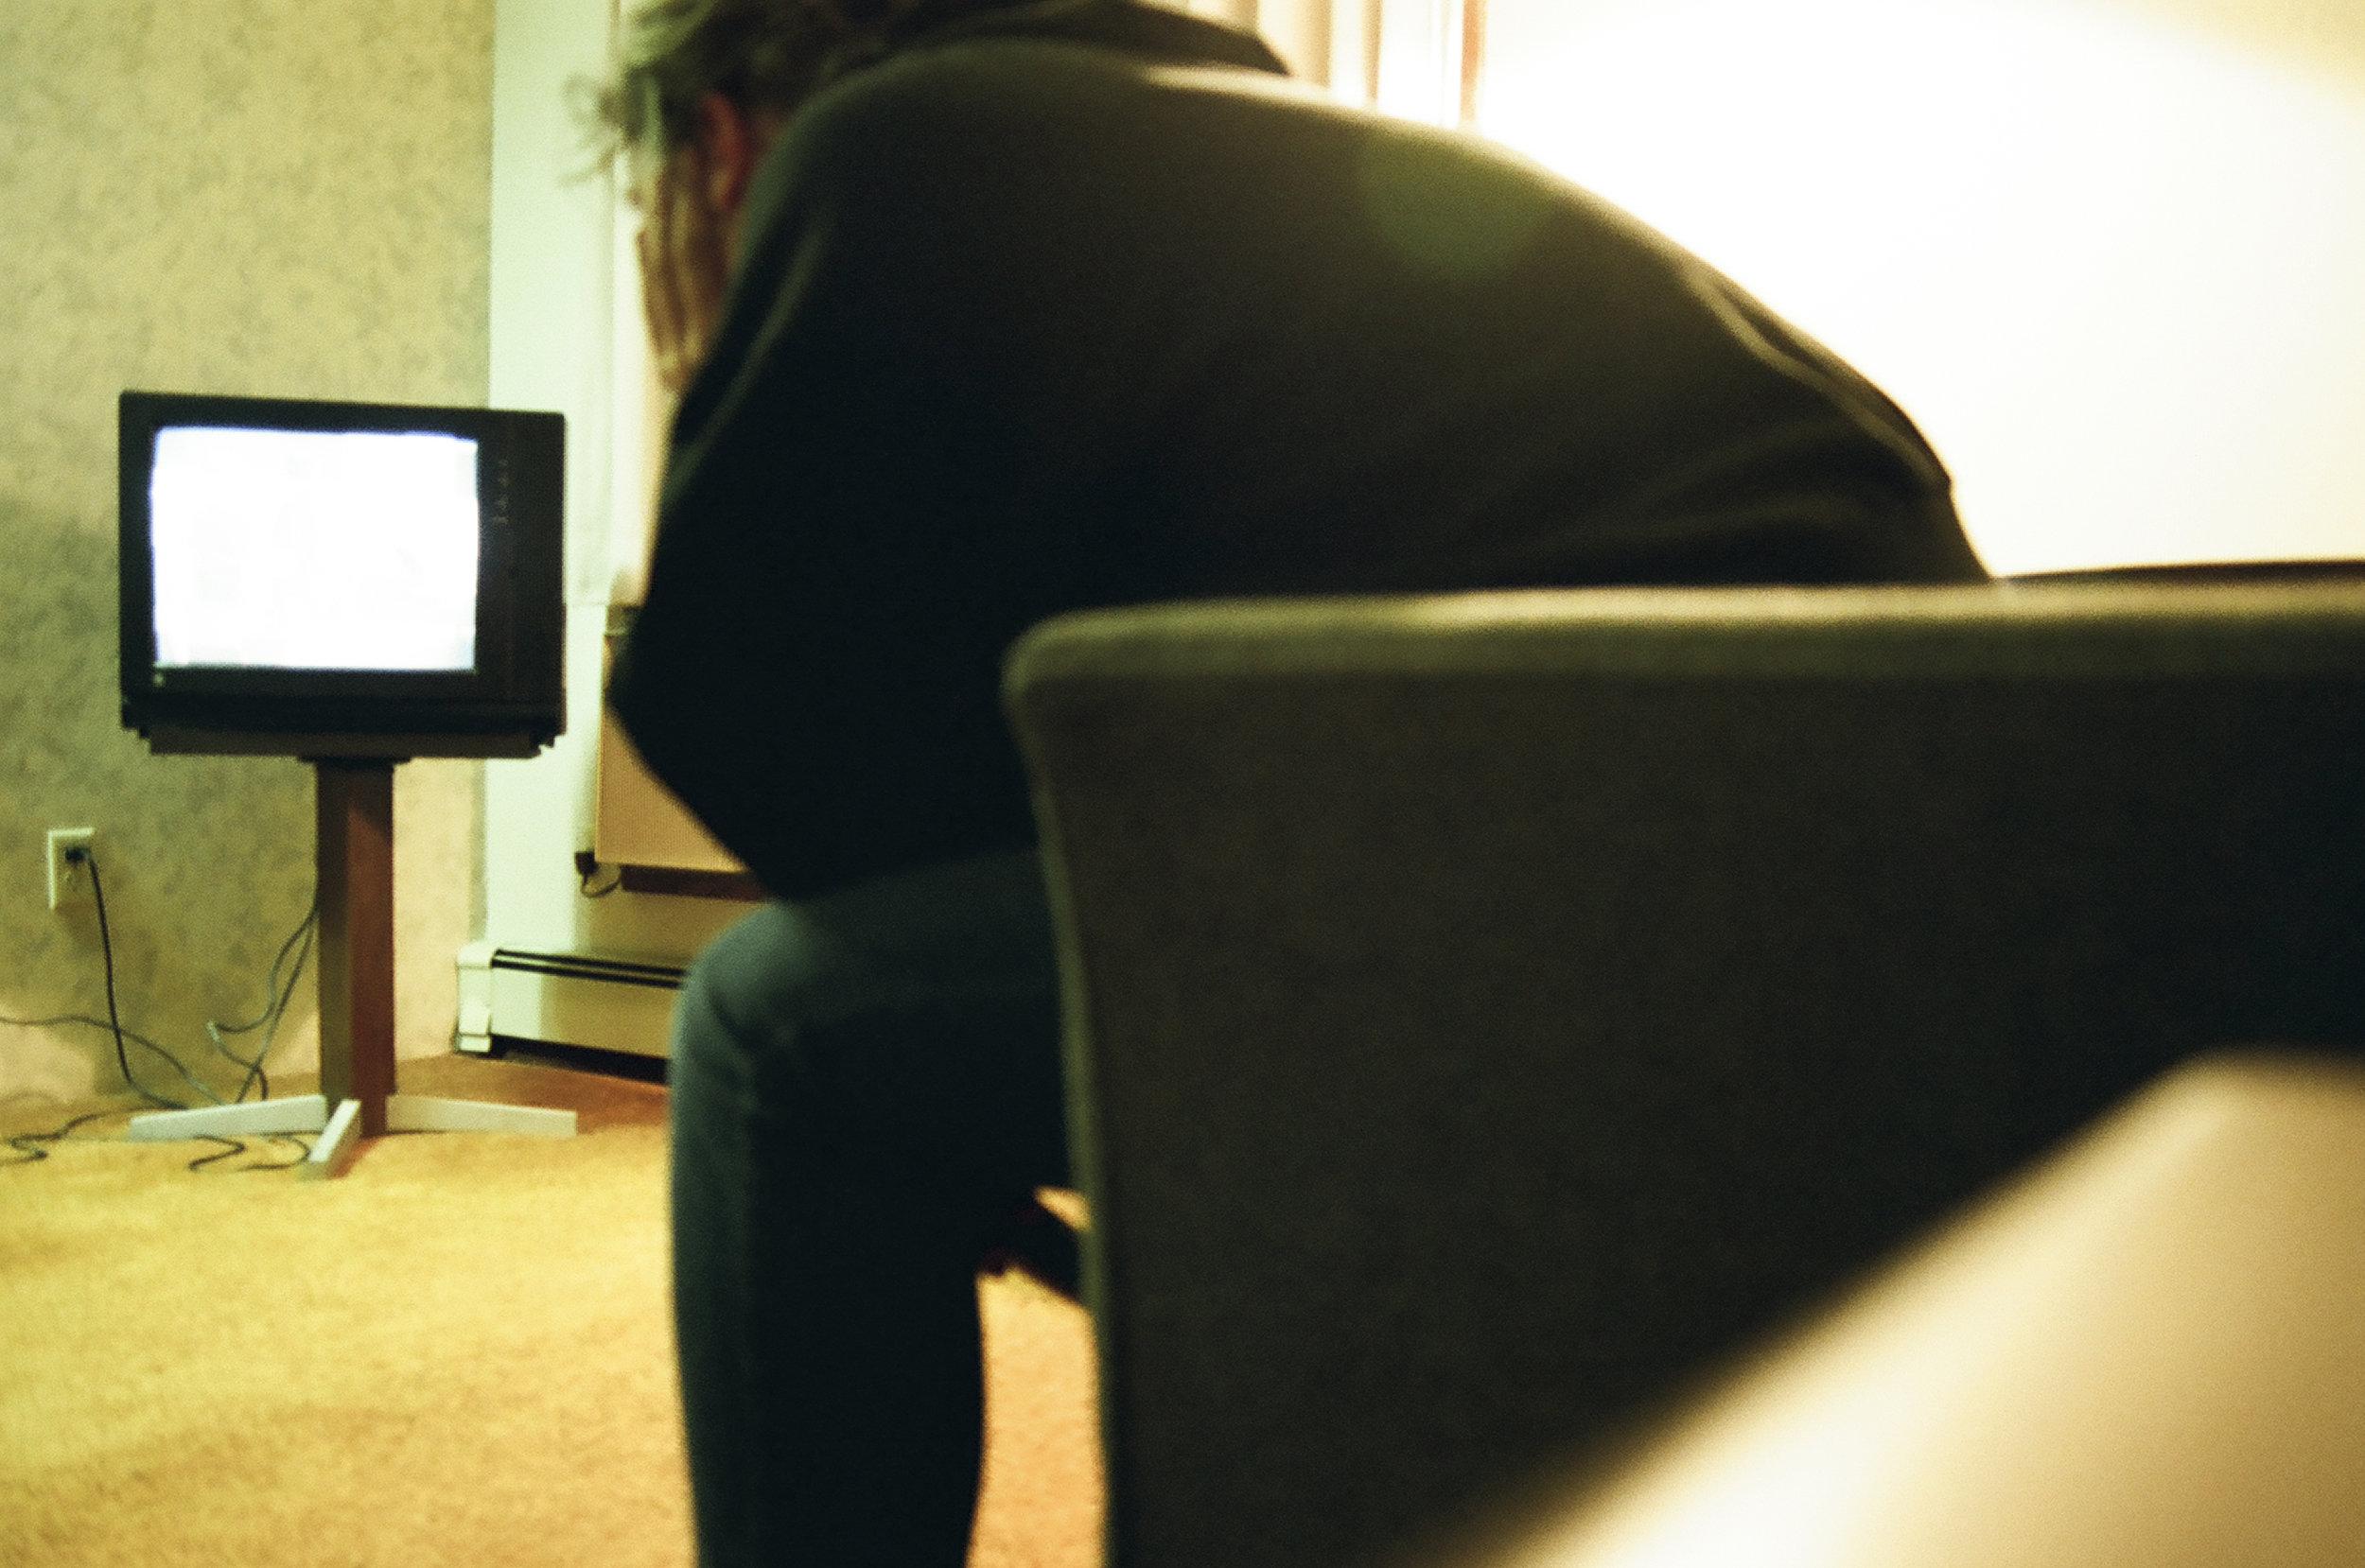 Pedestal TV